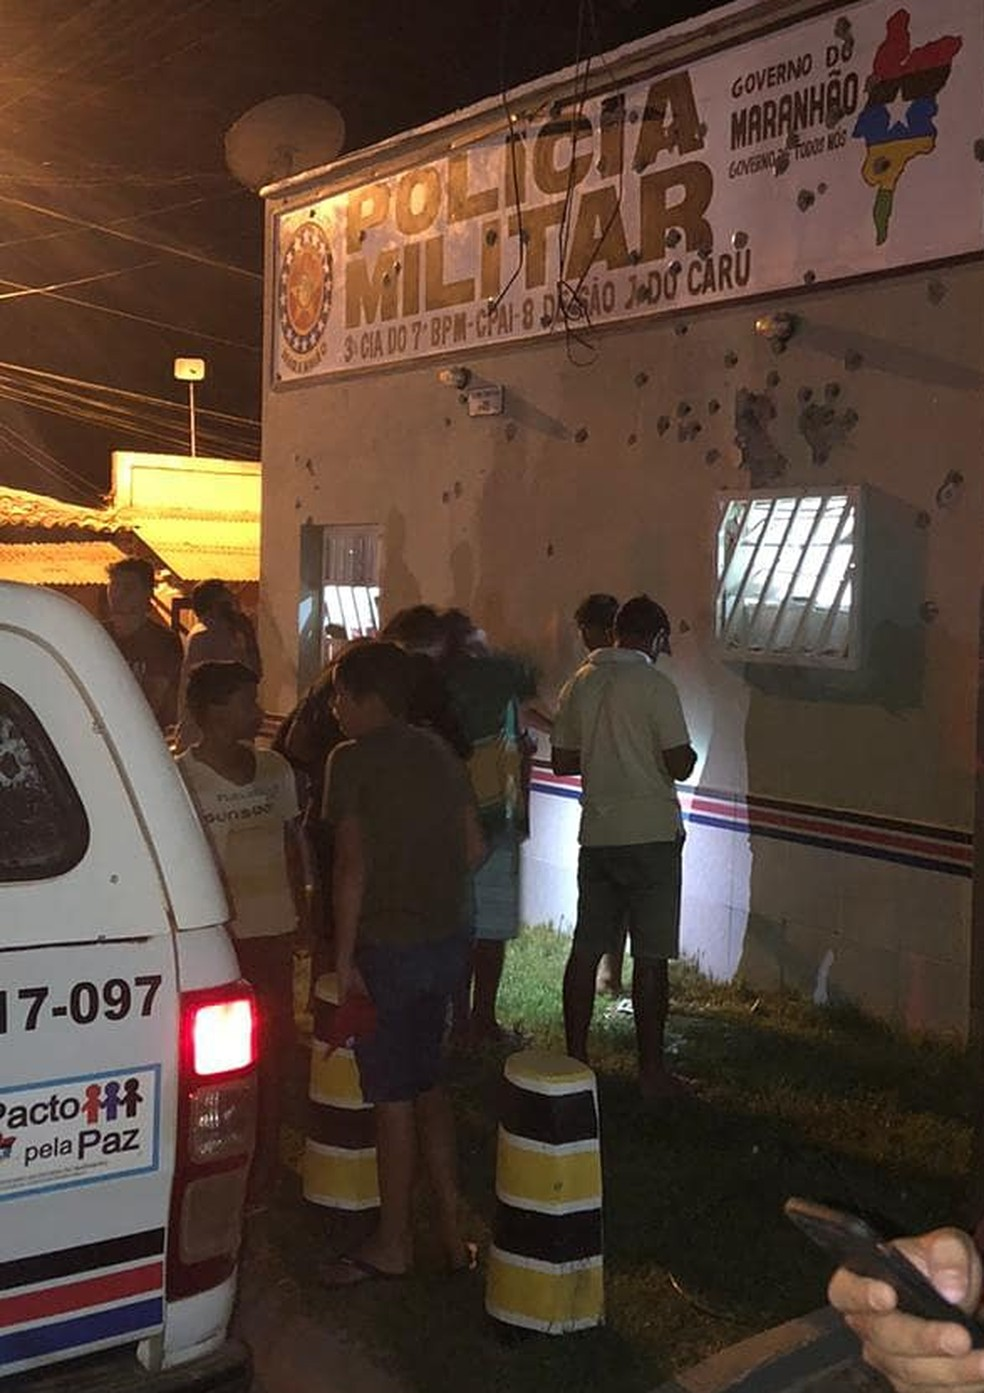 Criminosos explodem agência bancária na cidade de São João do Carú. — Foto: Divulgação/Redes Sociais.